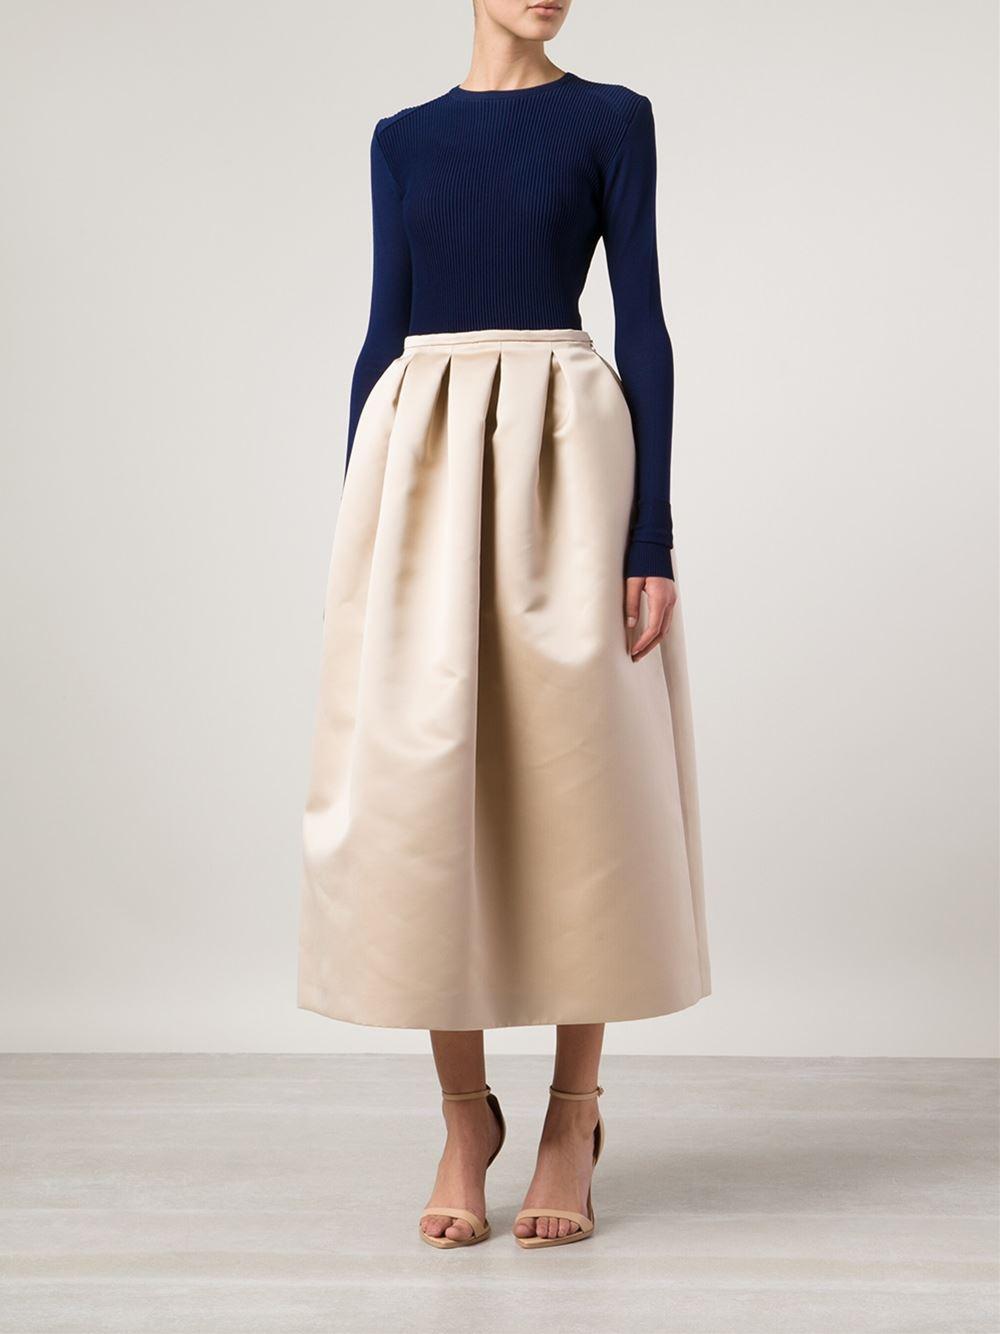 Rochas Long Full Skirt in Natural | Lyst